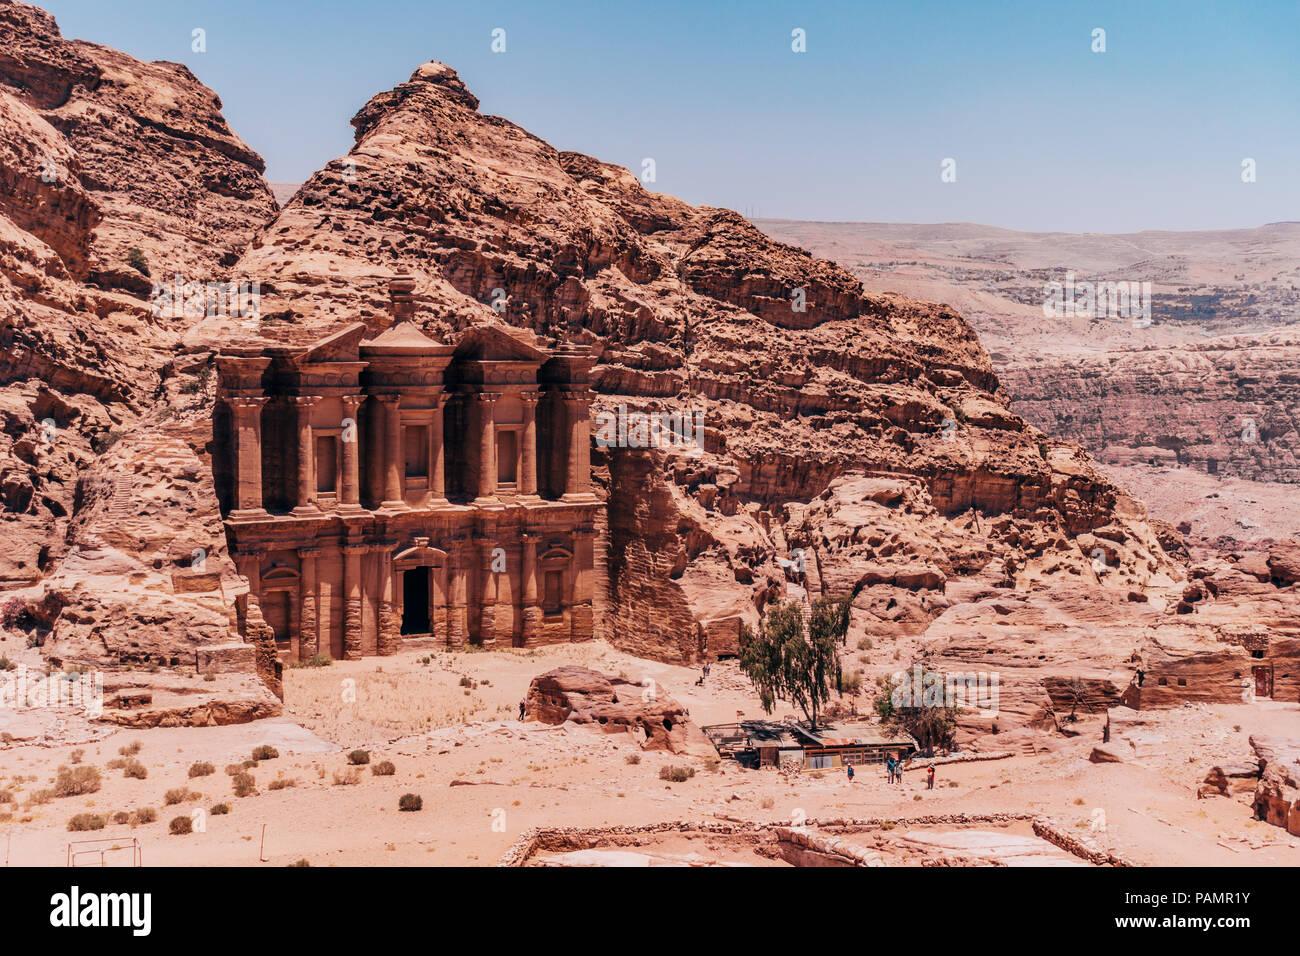 Regardant le Monastère Ad-Deir creusée dans le côté de couches de roches dans la cité perdue de Petra, Jordanie Photo Stock